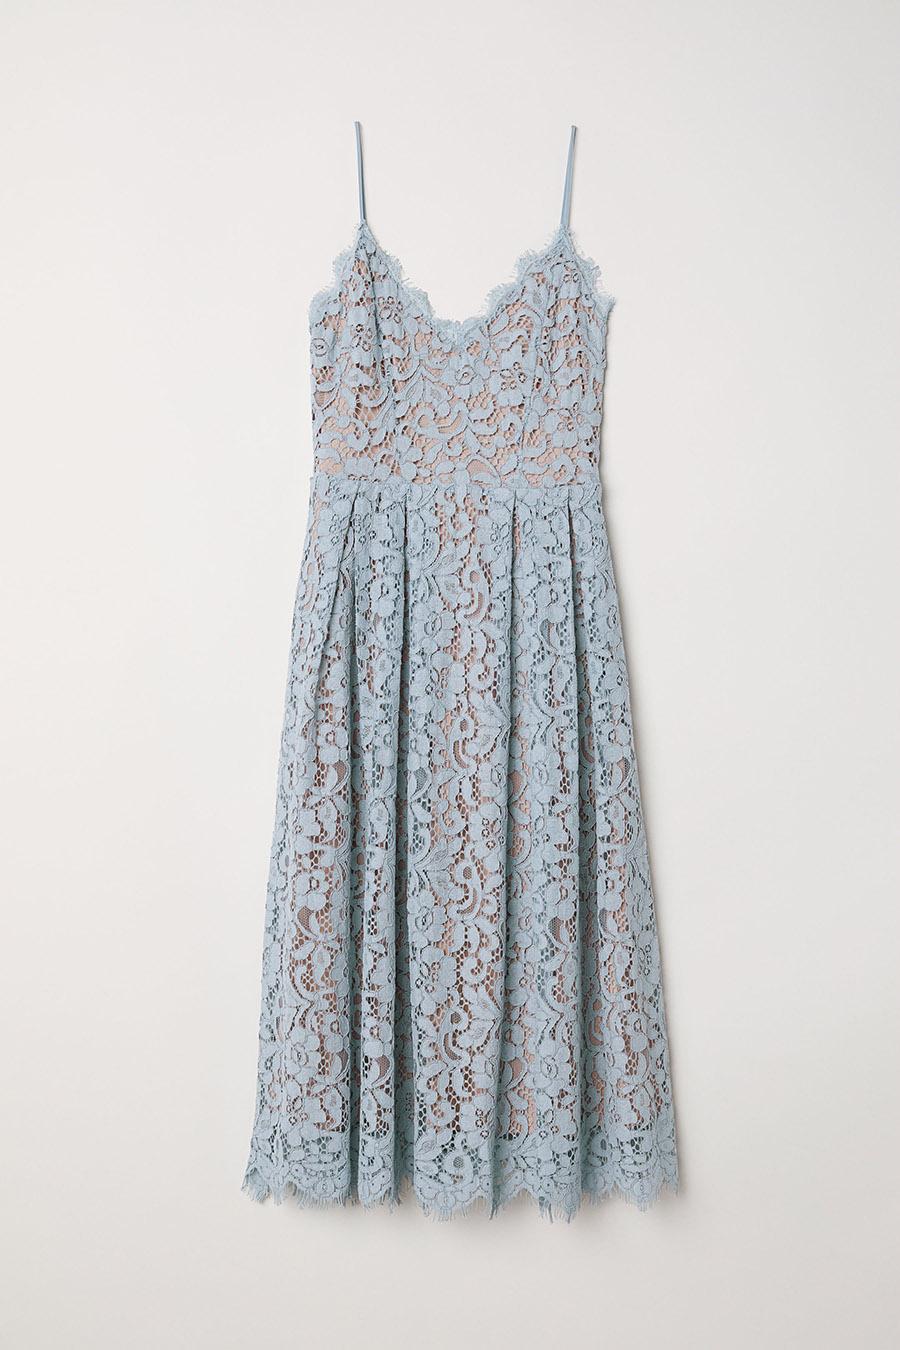 12 ideas para encontrar tu vestido de graduación perfecto